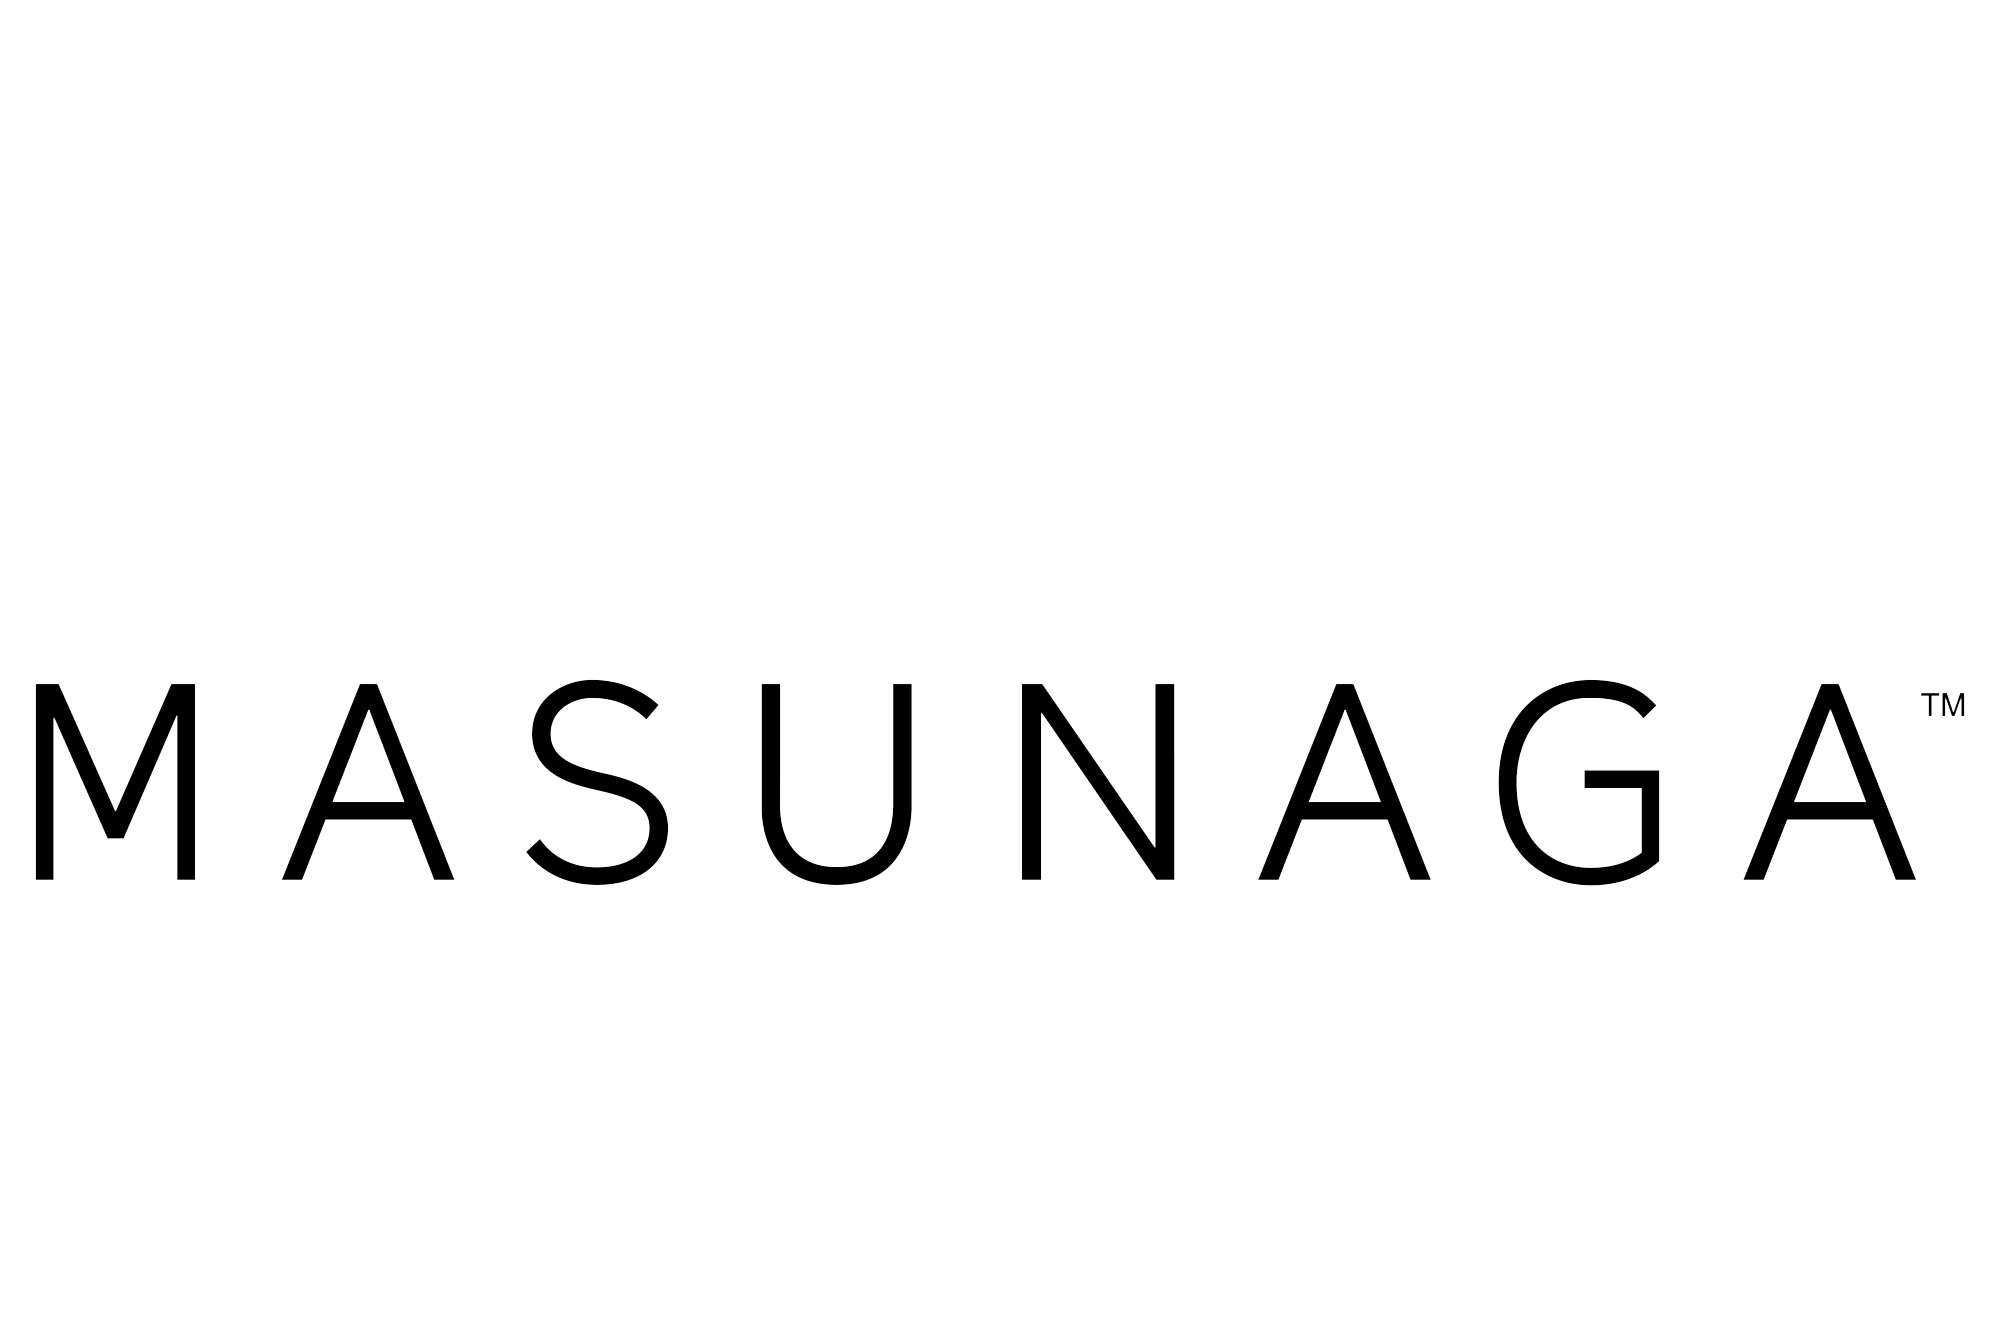 Masunaga